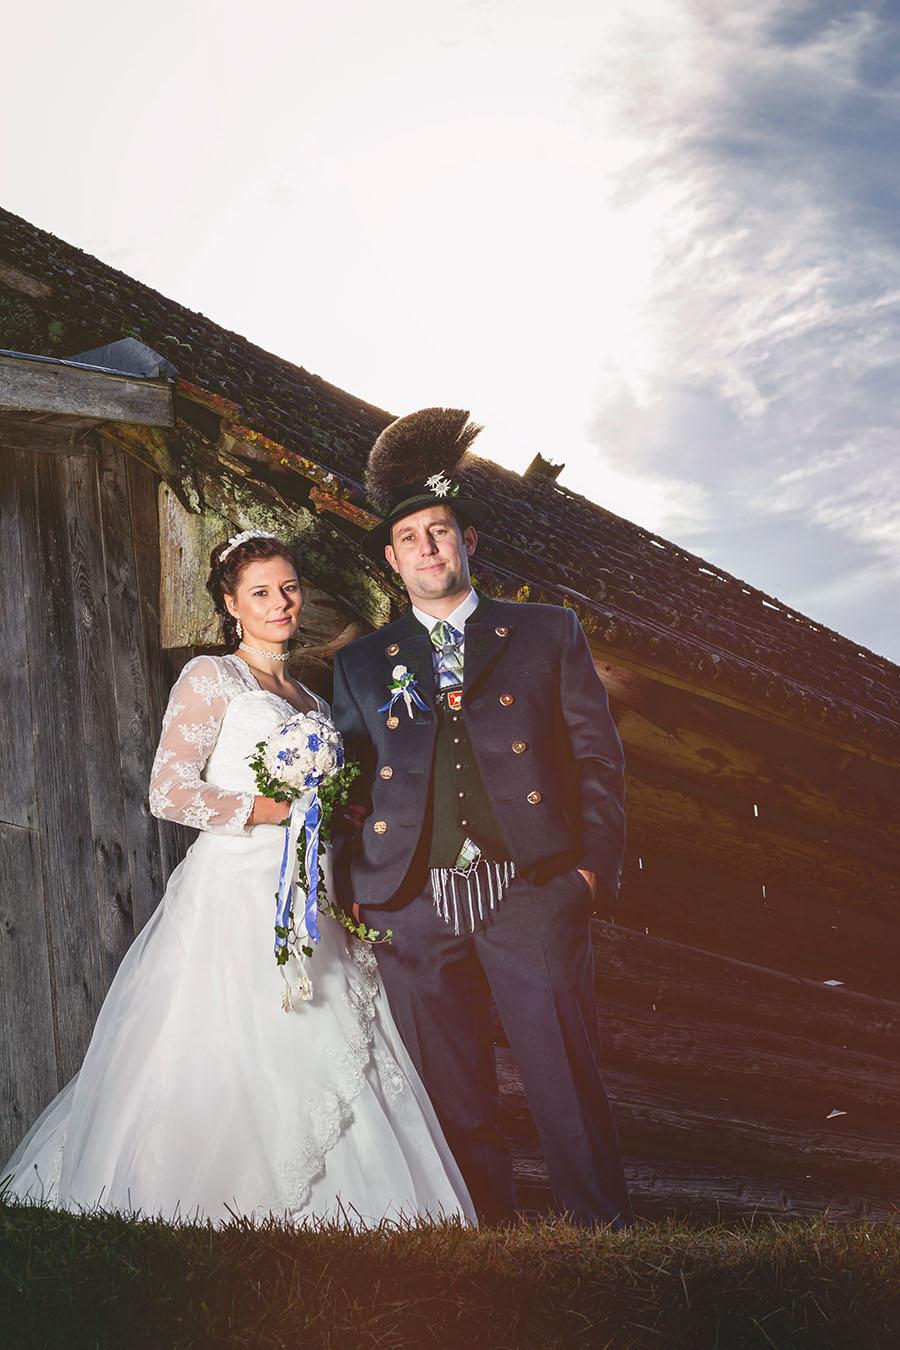 Cornelia und Franz Hochzeitsfotos Wallgau Bayern 75_23